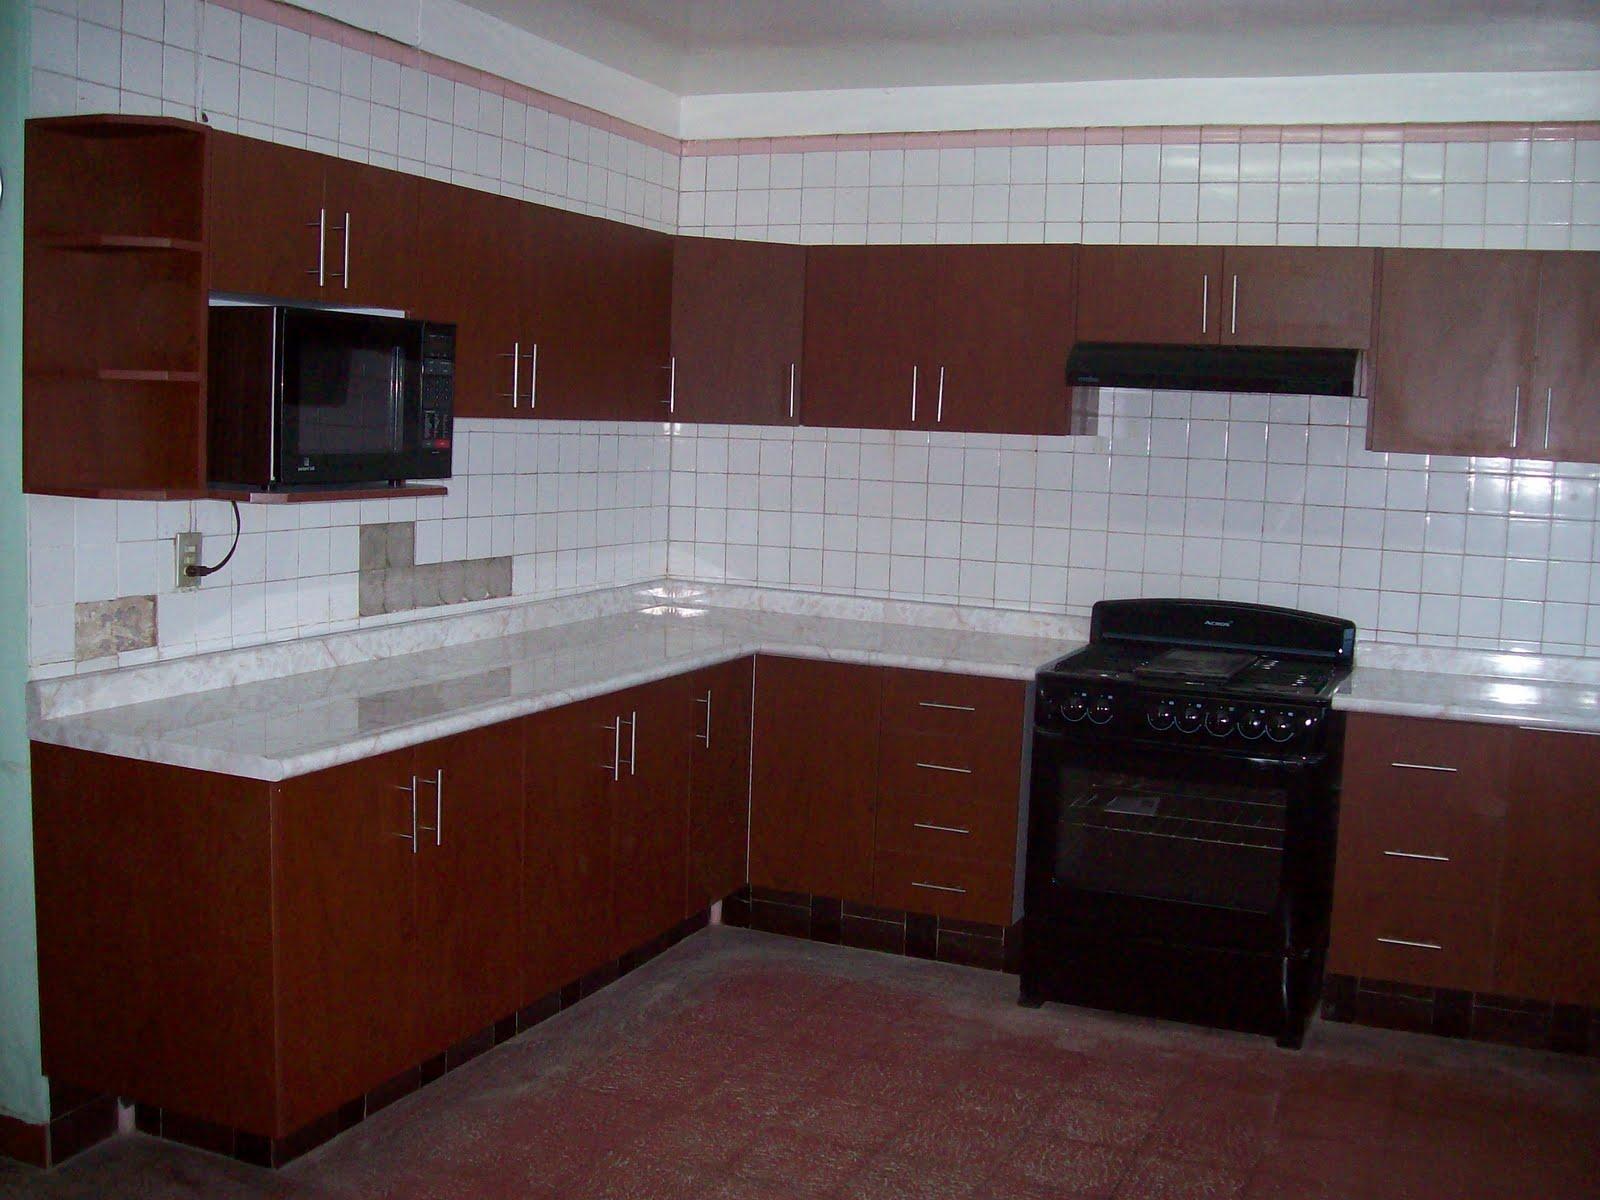 cocinas integrales de federalismo cocinas integrales de On cocinas integrales economicas guadalajara